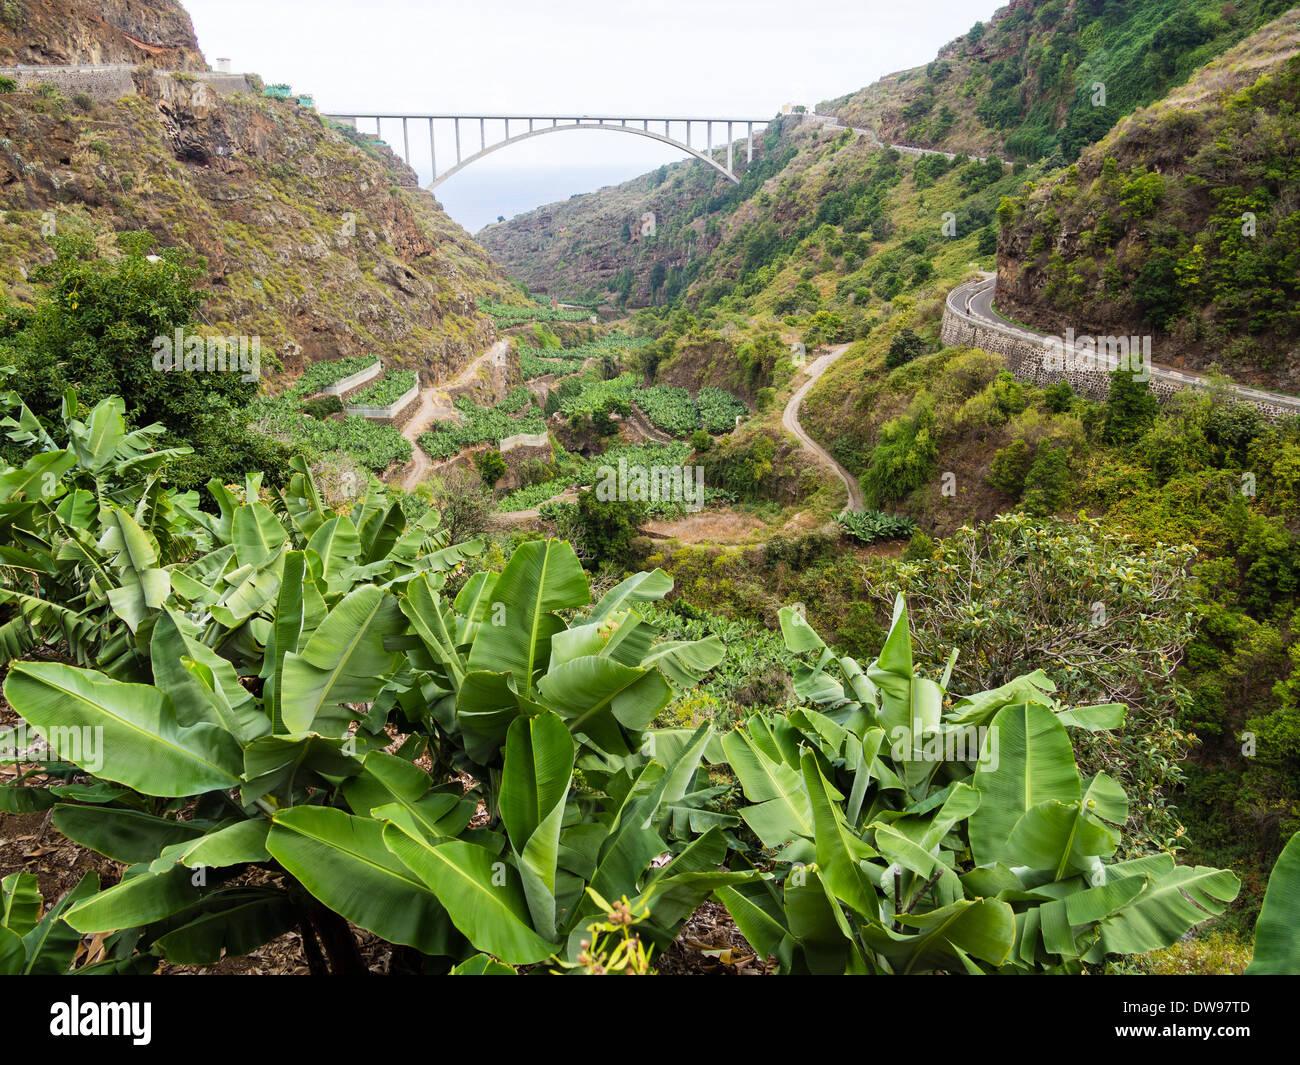 Bananas grow in the Barranco del Agua valley on the Canary Island of La Palma, traversed by the bridge Puente de Los Tilos. - Stock Image